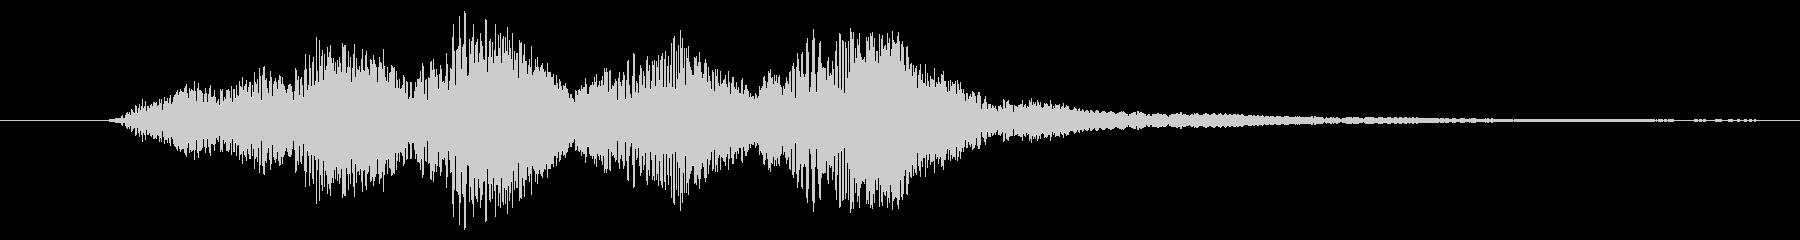 プルプル(スライム・ゼリー)2の未再生の波形